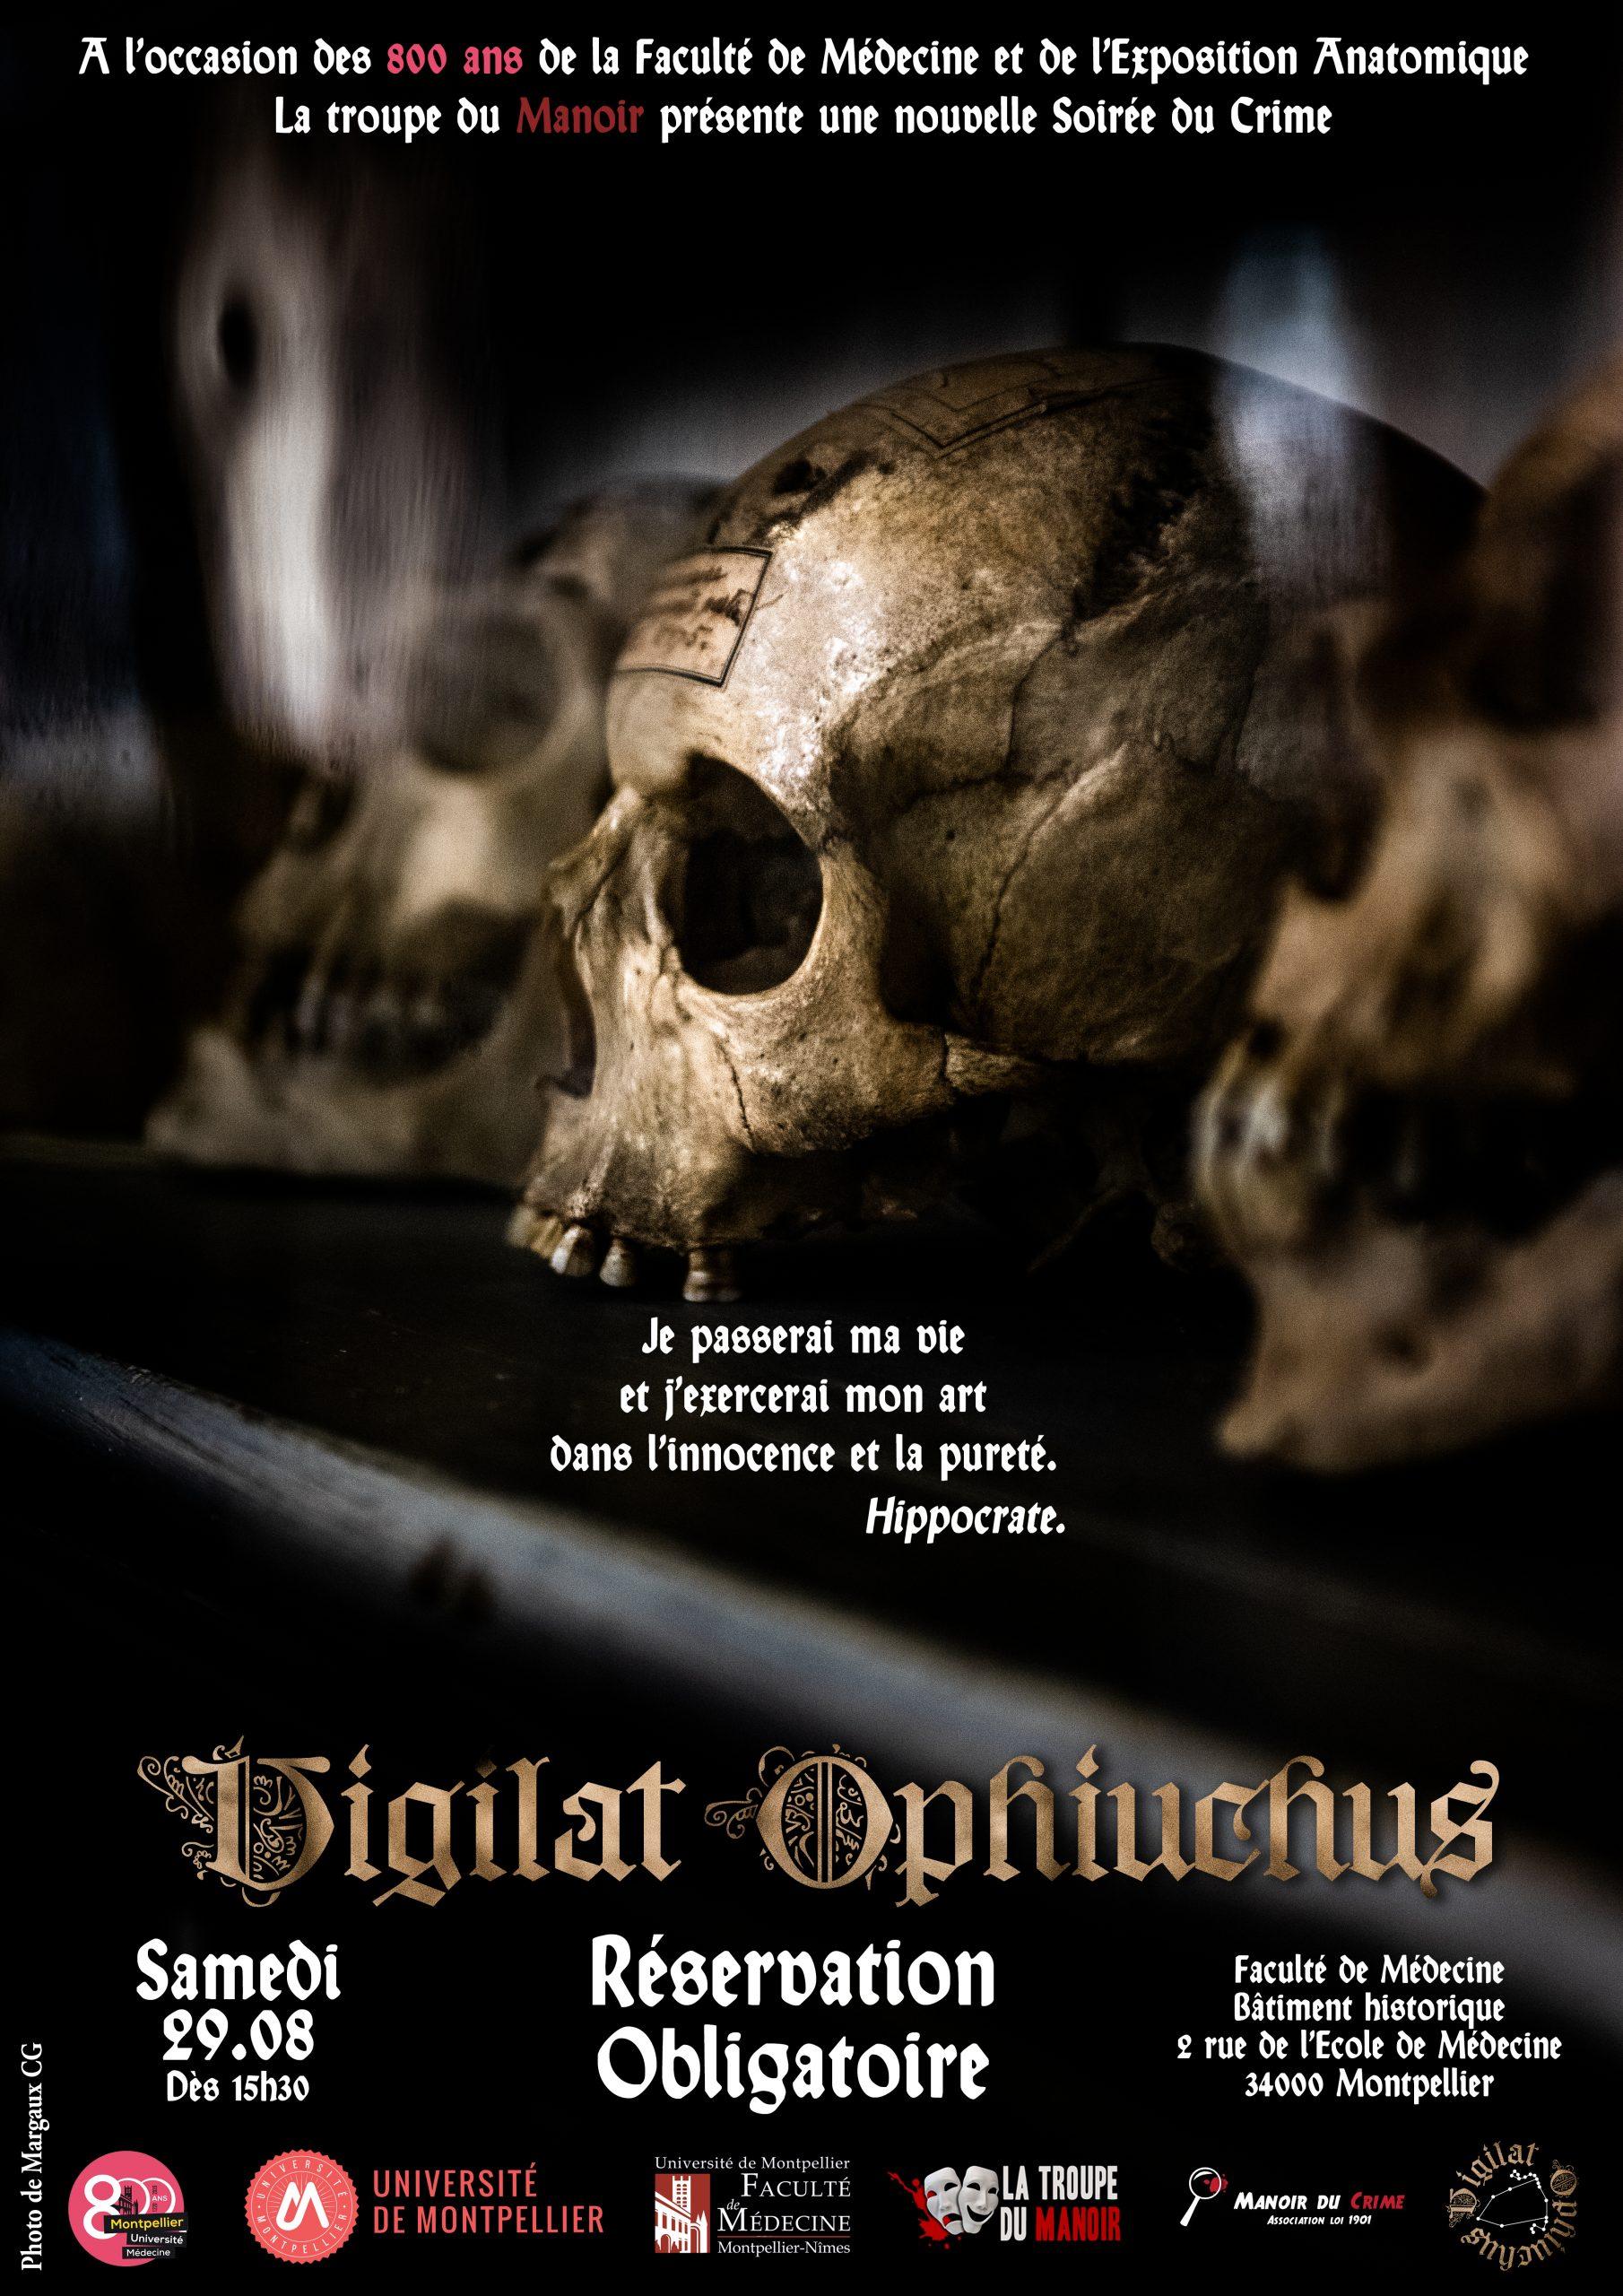 Soirée du Crime – Vigilat Ophiuchus